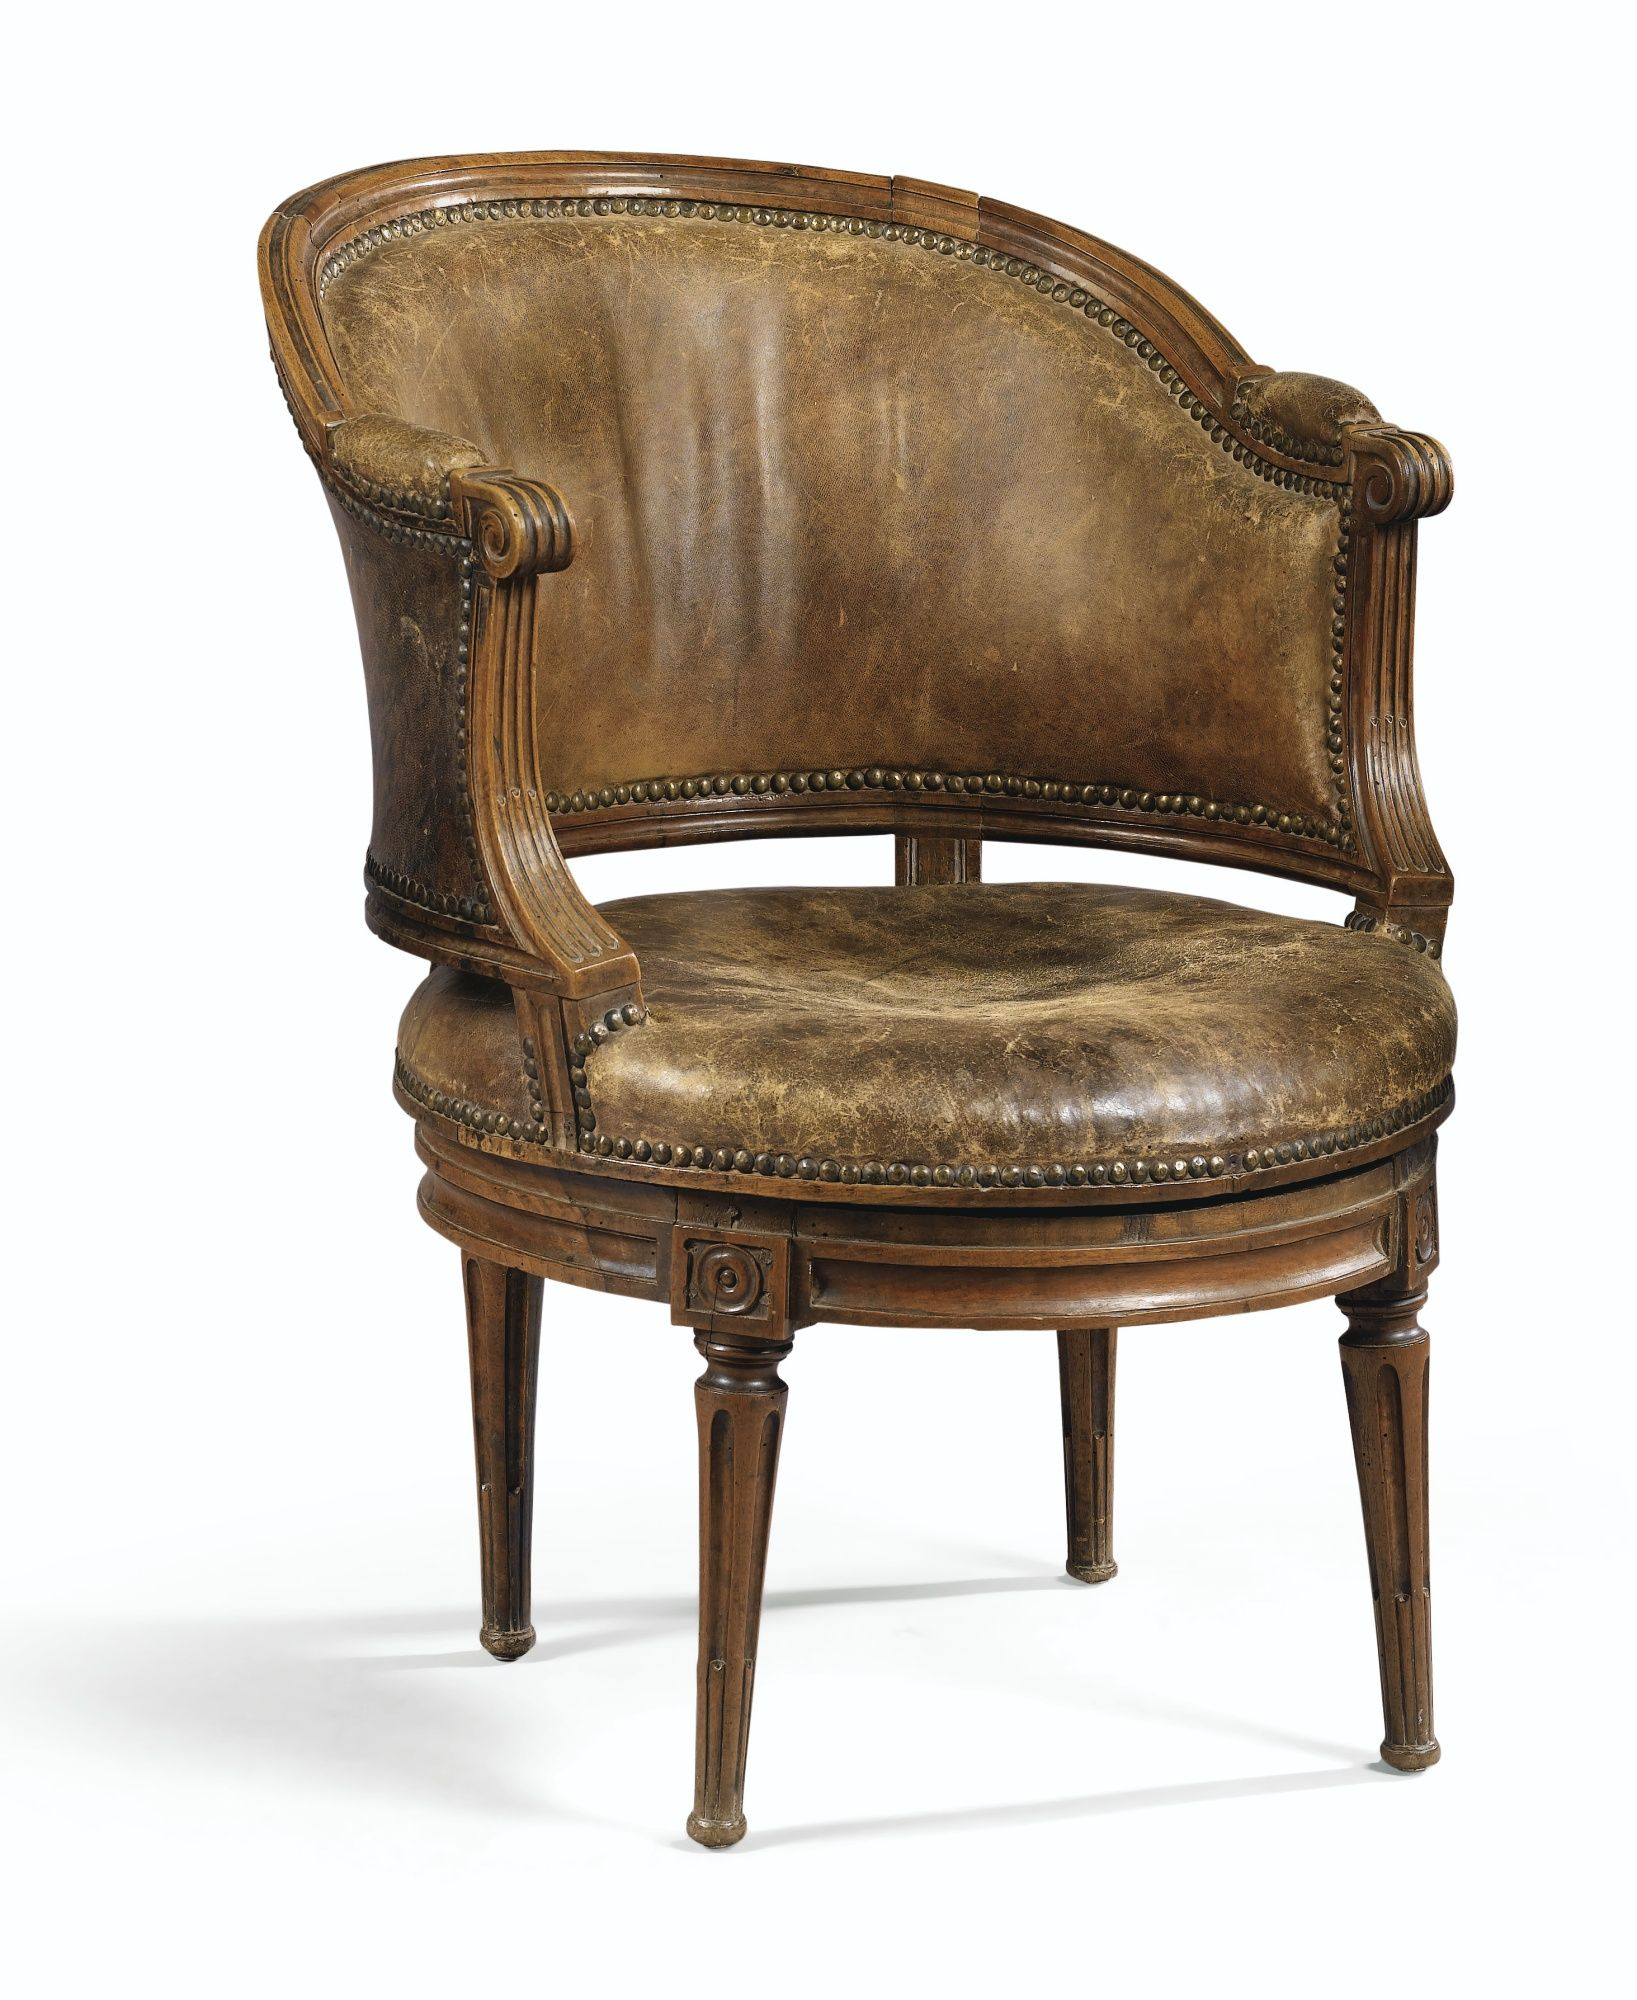 fauteuil de bureau assise tournante en h tre naturel sculpt d 39 poque louis xvi sotheby 39 s. Black Bedroom Furniture Sets. Home Design Ideas